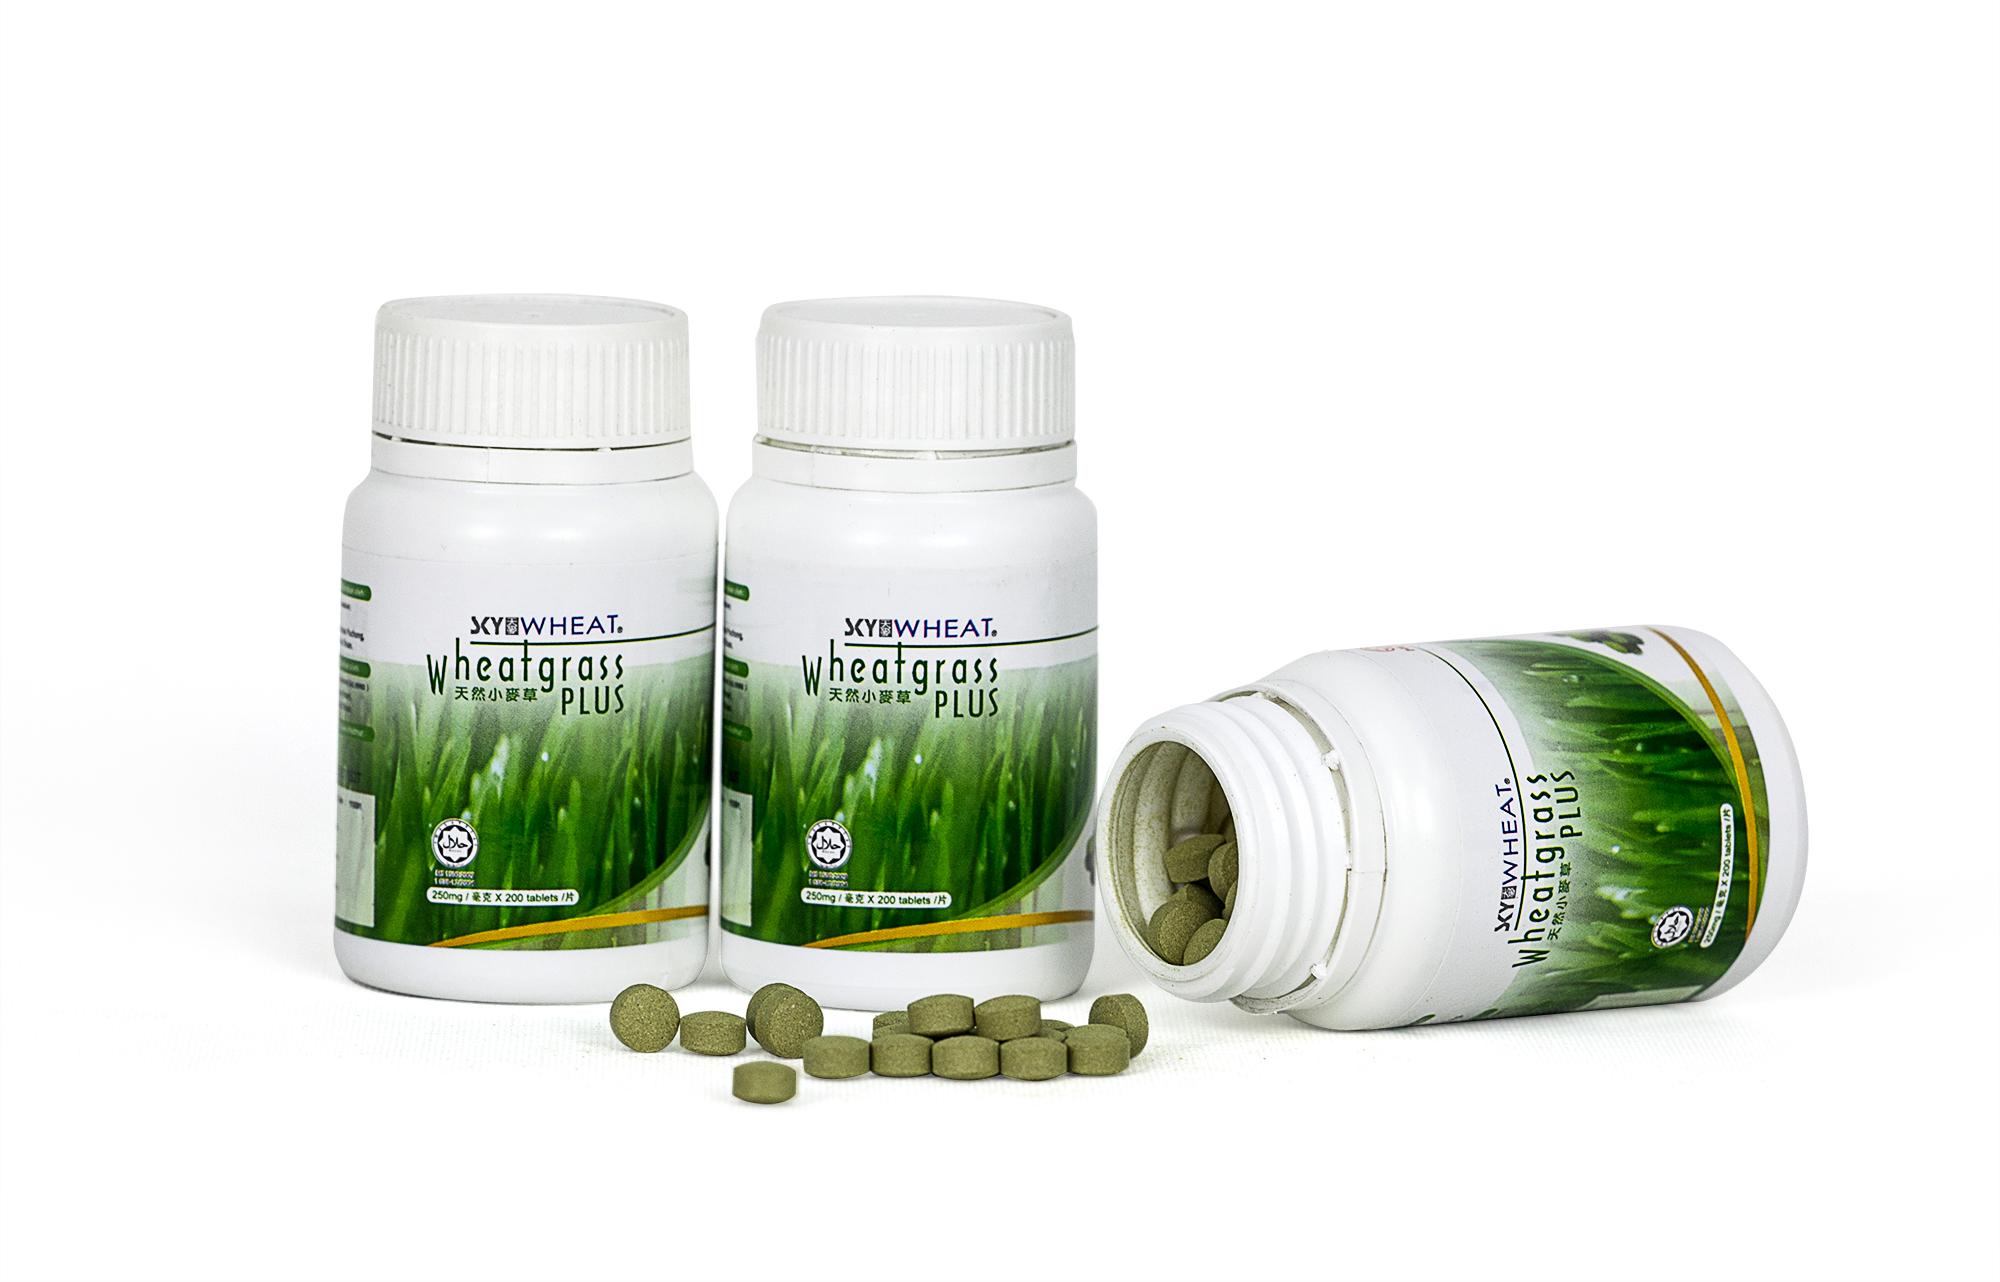 Skywheat wheatgrass Plus